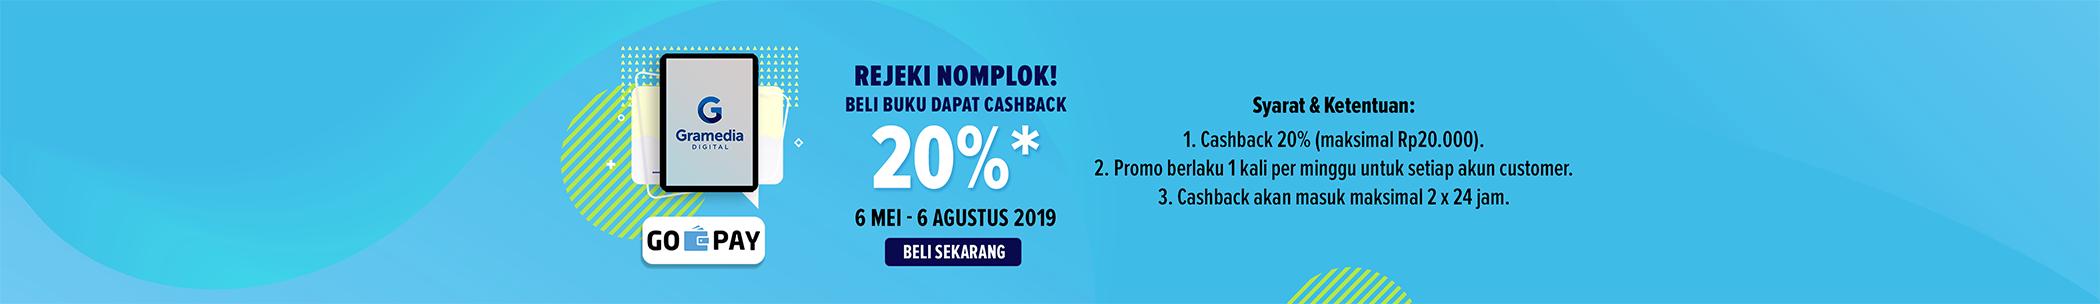 GoPay Cashback 20%